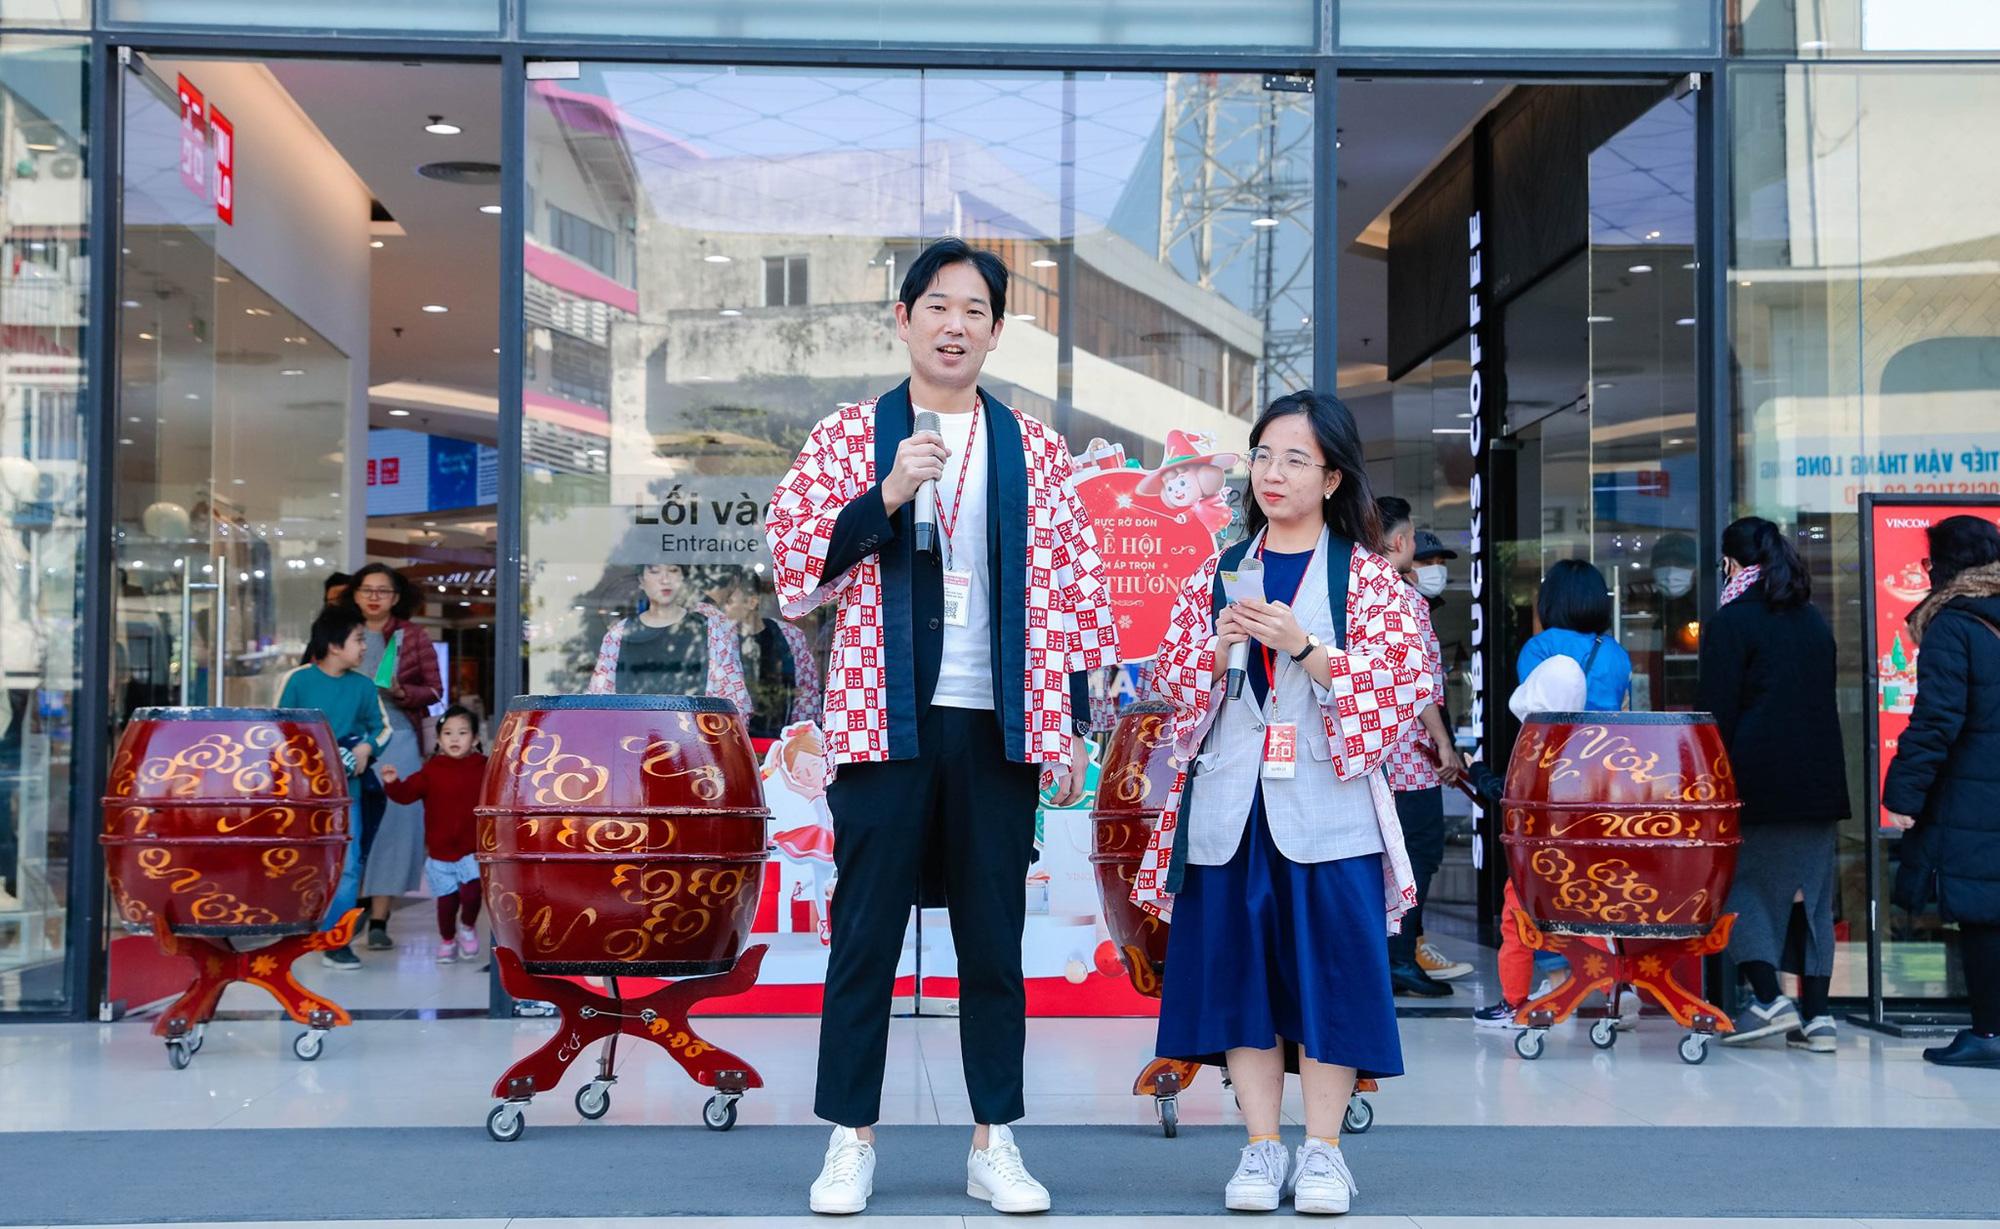 UNIQLO gửi gắm thông điệp mừng năm mới qua vũ điệu Yosakoi đậm chất Nhật - Ảnh 4.